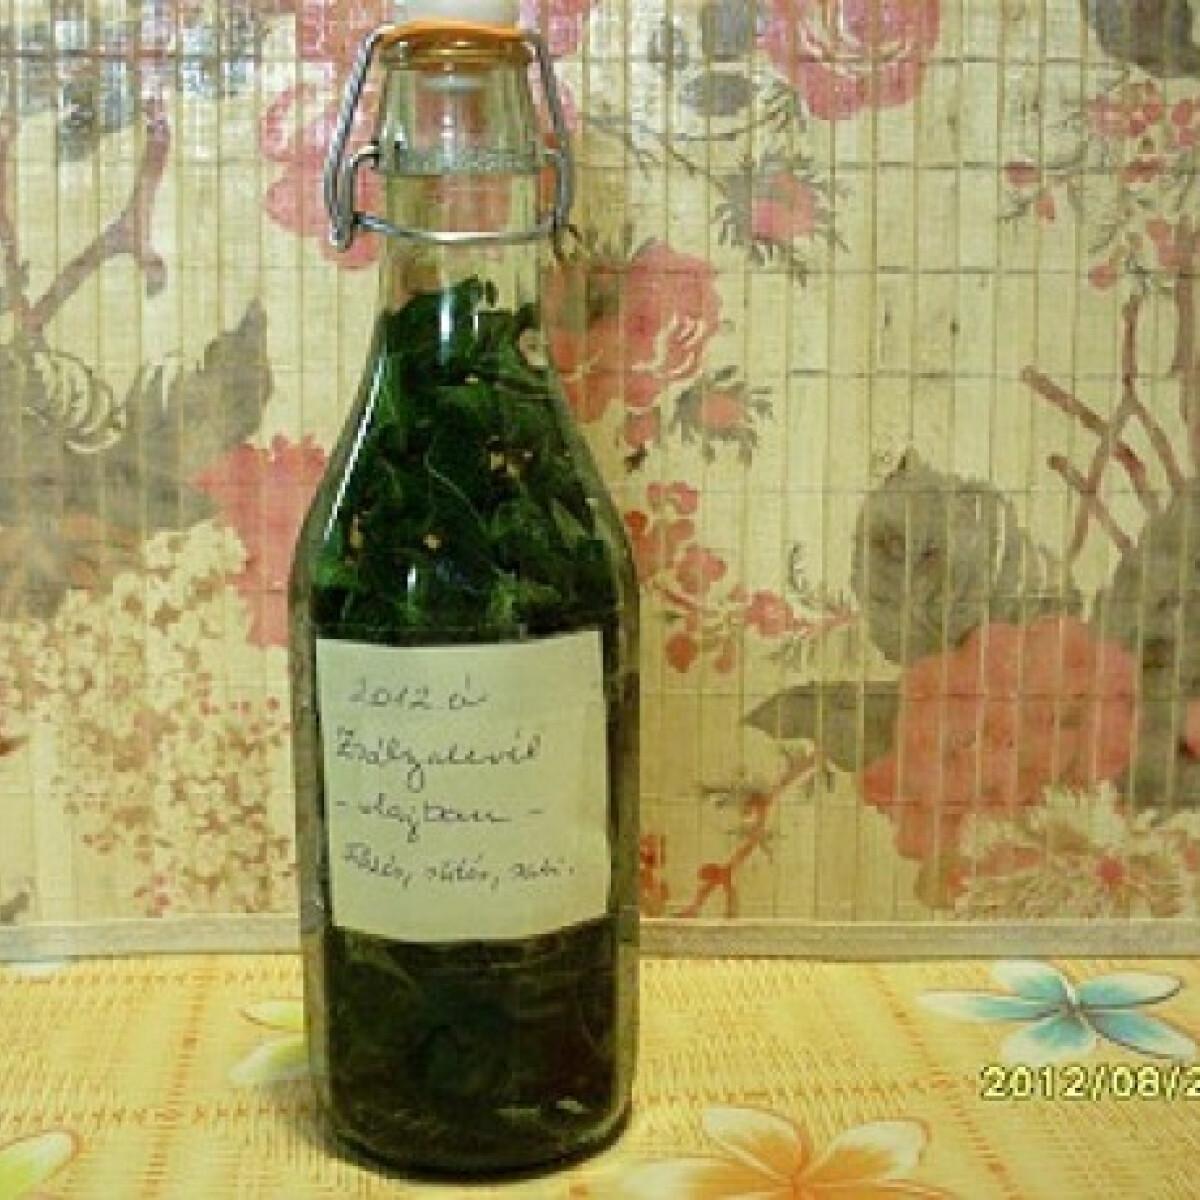 Ezen a képen: Zsályalevél olívaolajban eltéve